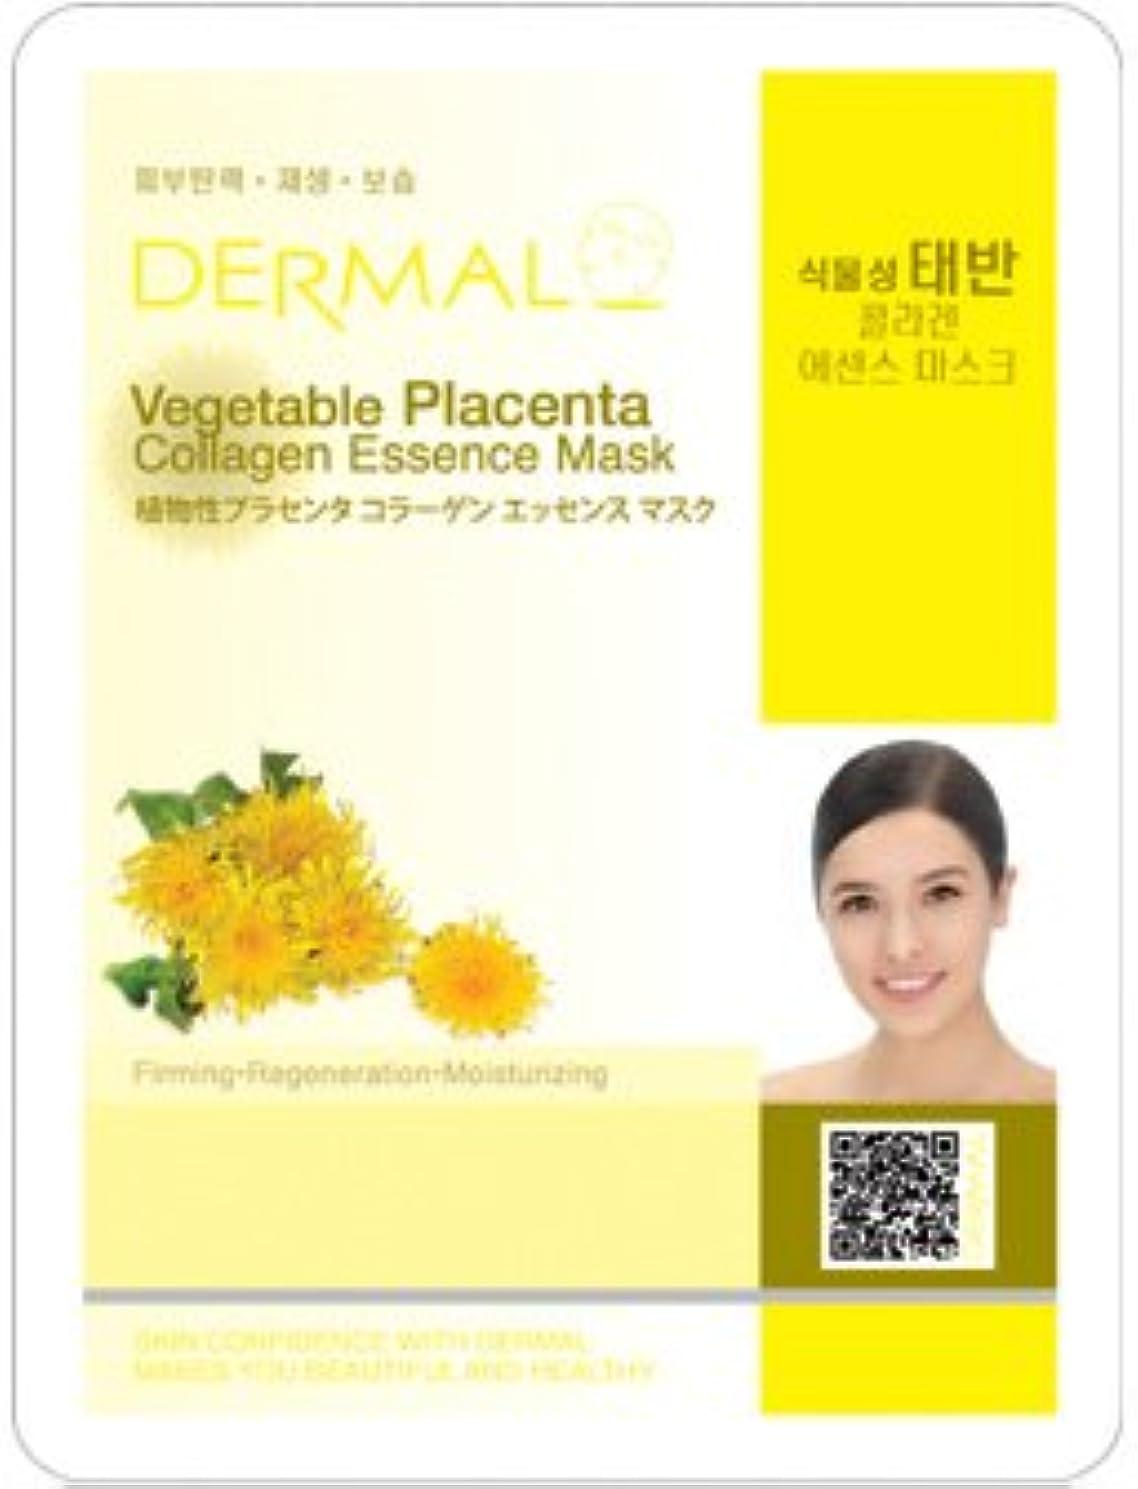 巻き取り強化するフィードオンシートマスク 植物性プラセンタ 100枚 セット ダーマル(Dermal) フェイス パック